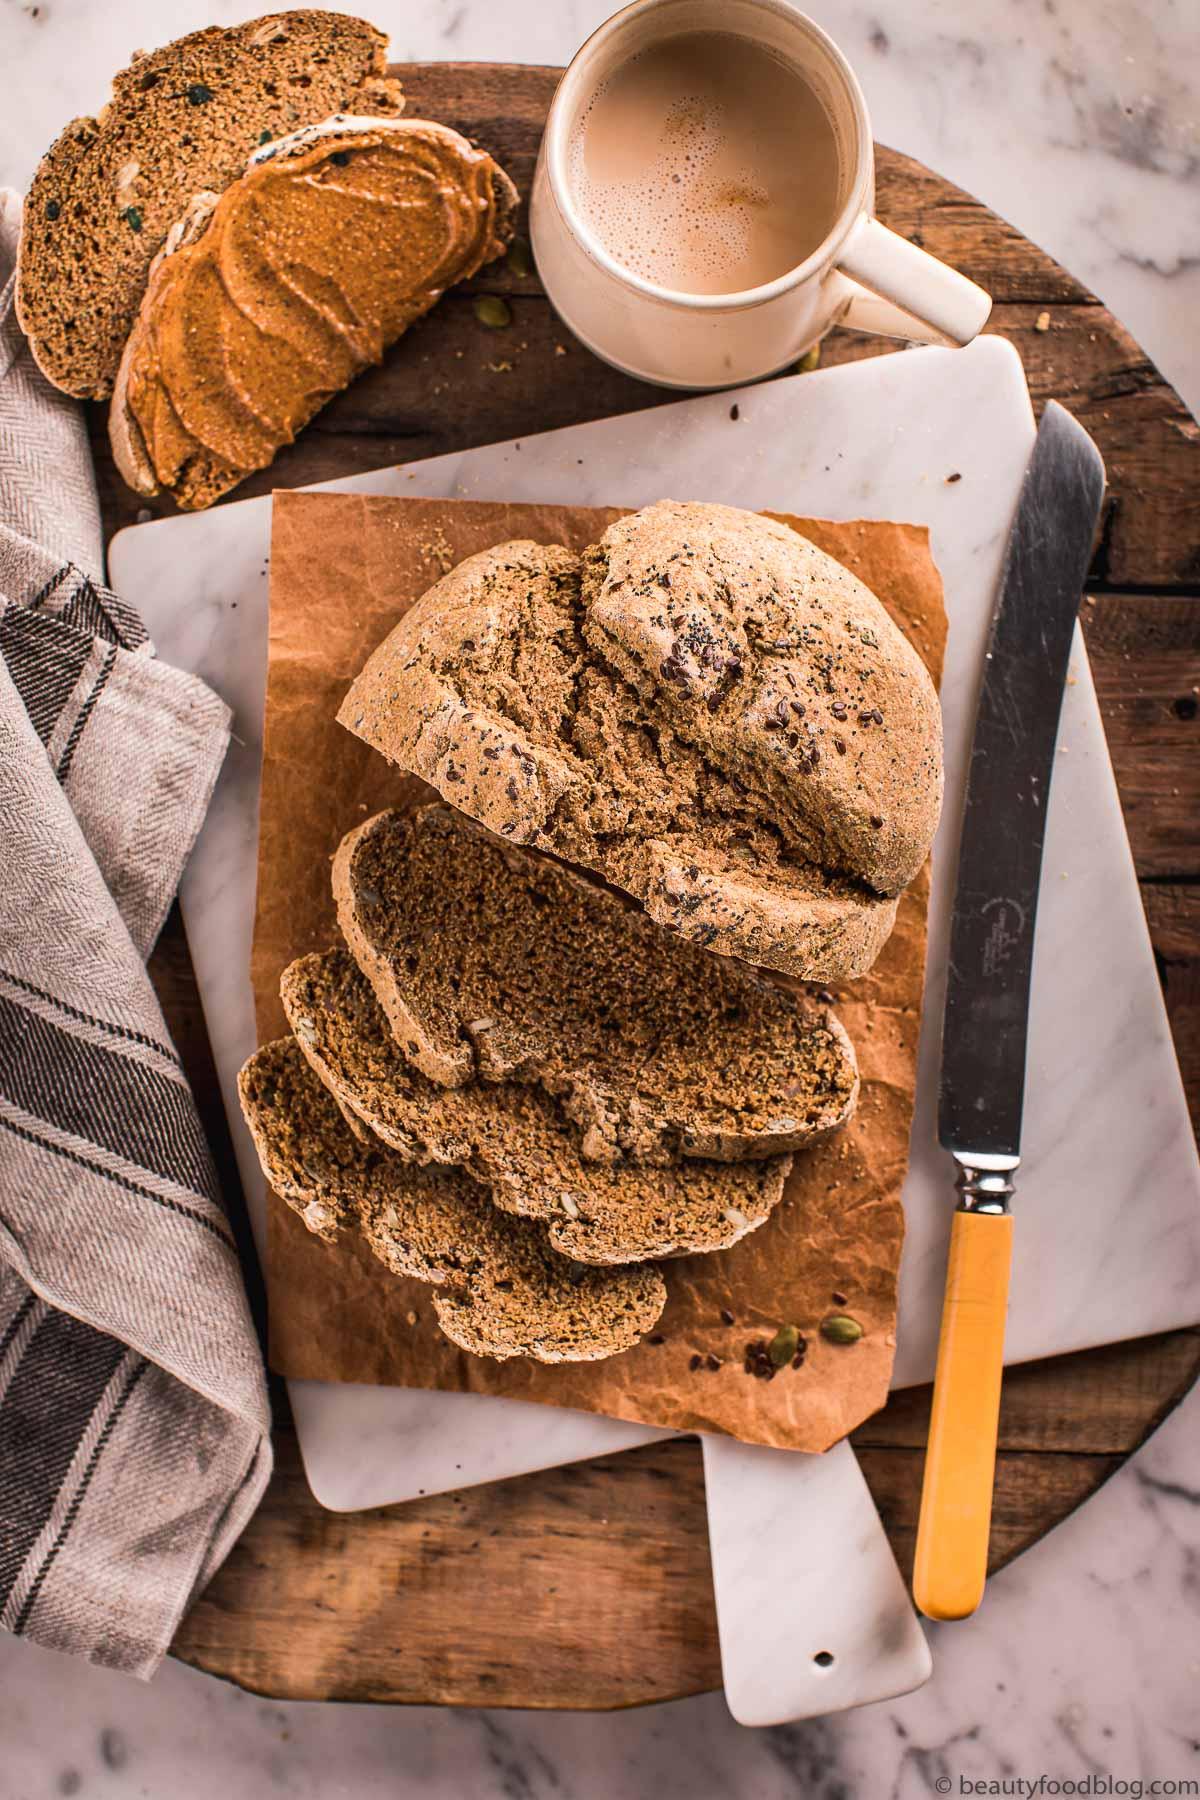 tagliere con pane senz lievito coltello e tazza di caffelatte wood board with soda bead and a coffee cup